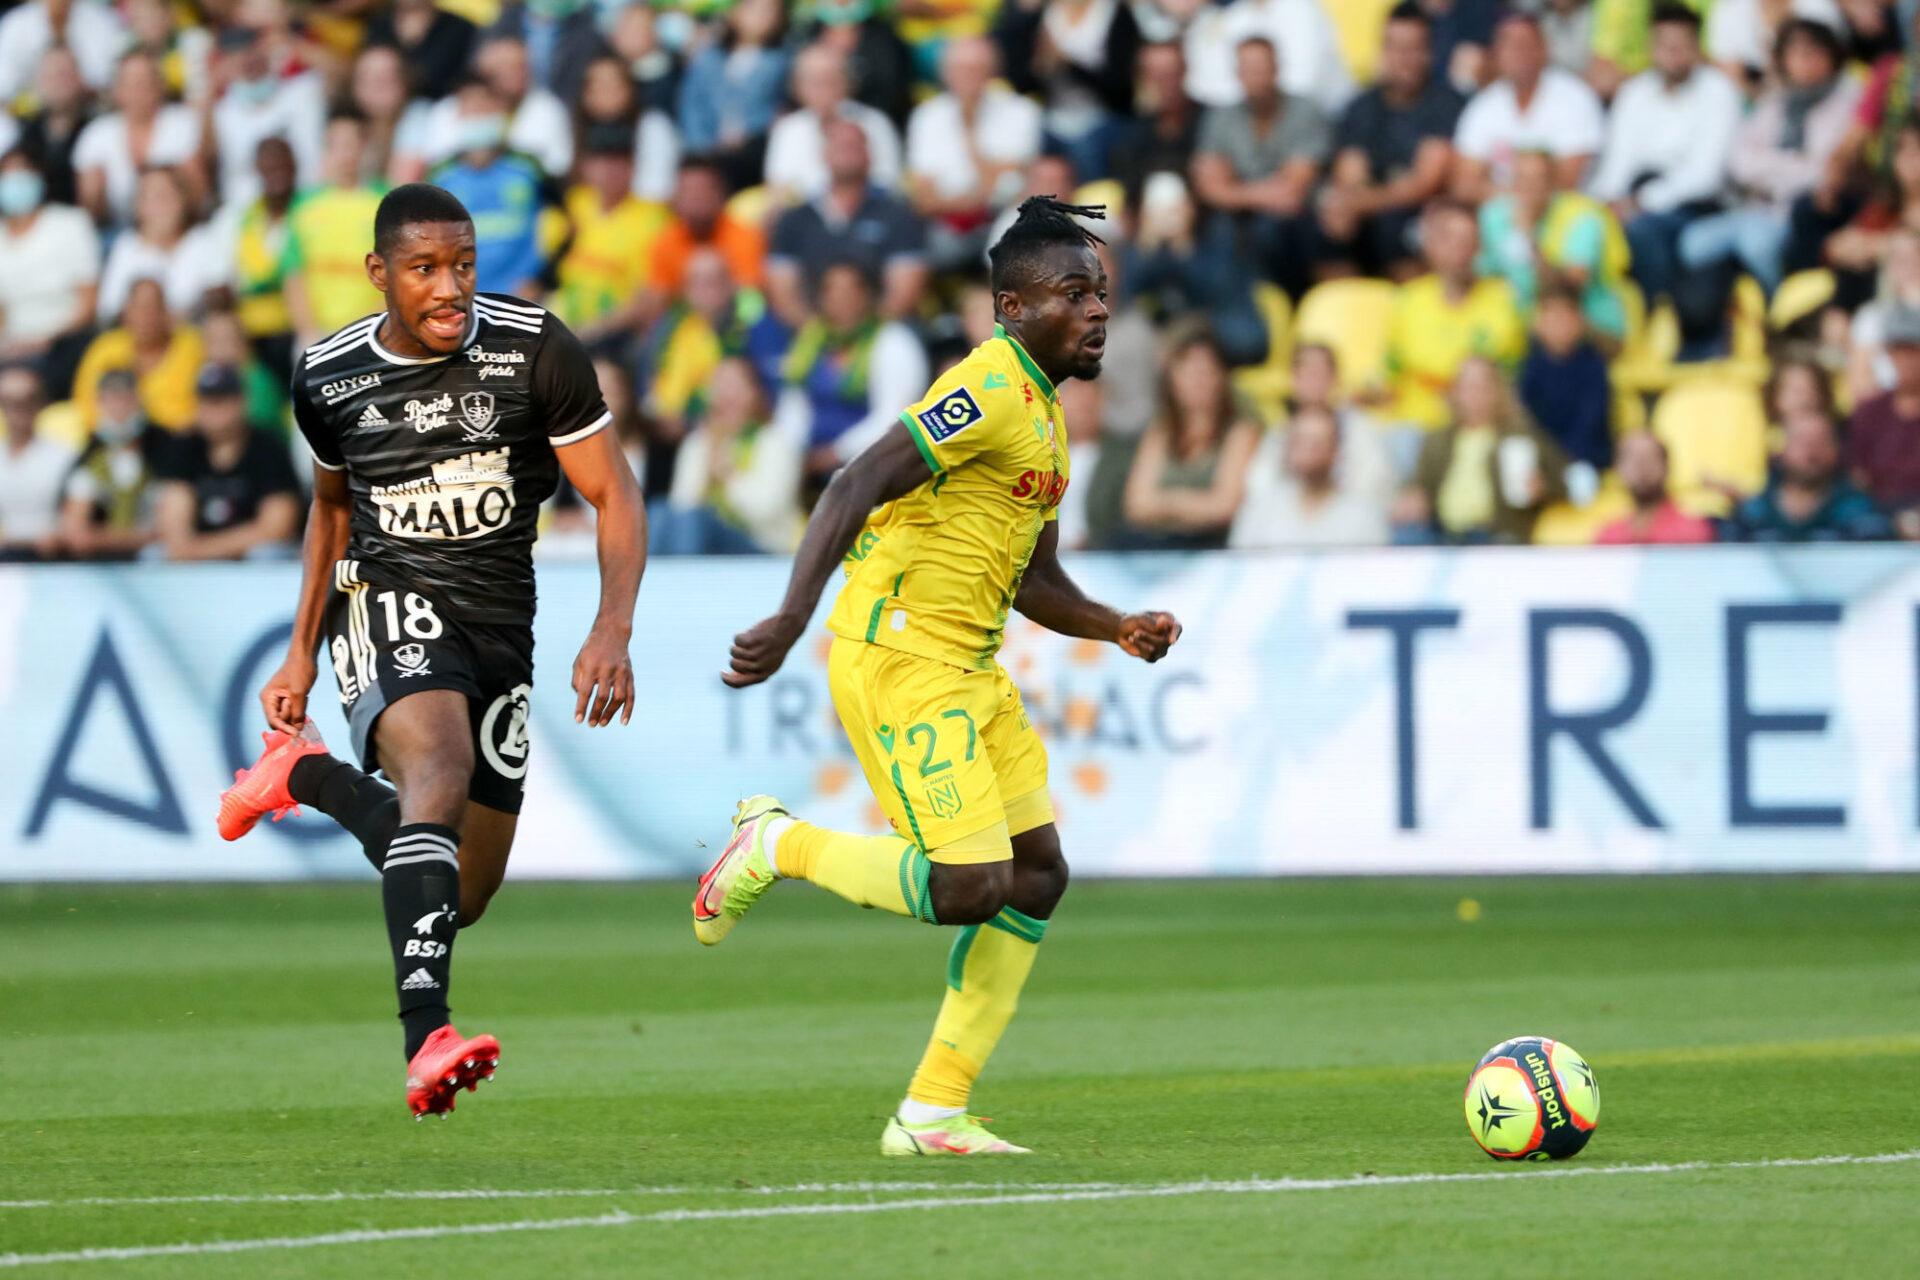 Le meilleur passeur de Ligue 1, c'est lui. Moses Simon a ajouté une sixième passe décisive à son tableau de chasse depuis le début de la saison contre Brest. Icon Sport